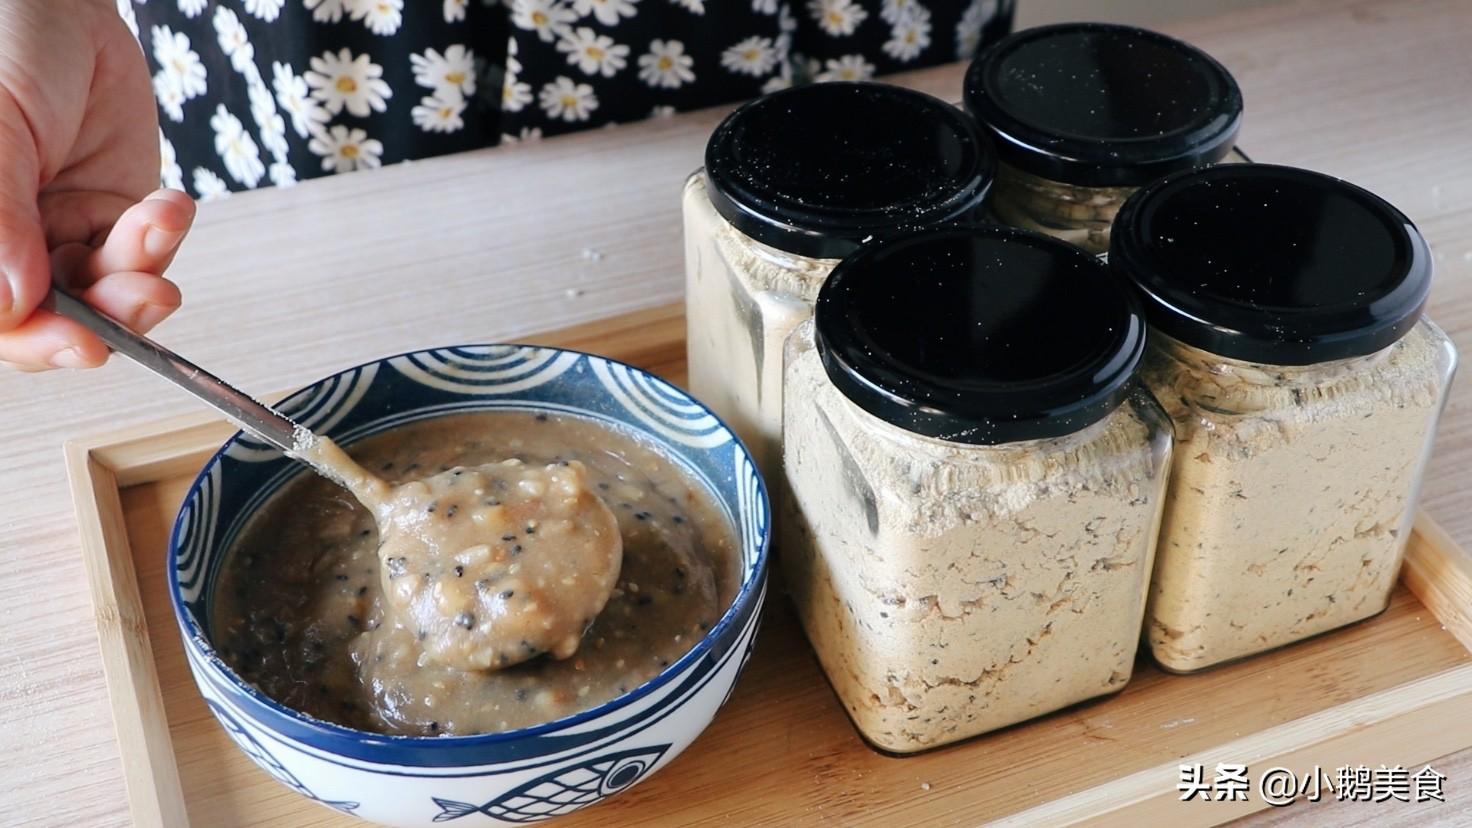 1碗玉米面简单一炒,1个月早餐都有了,低脂饱腹,营养又解馋